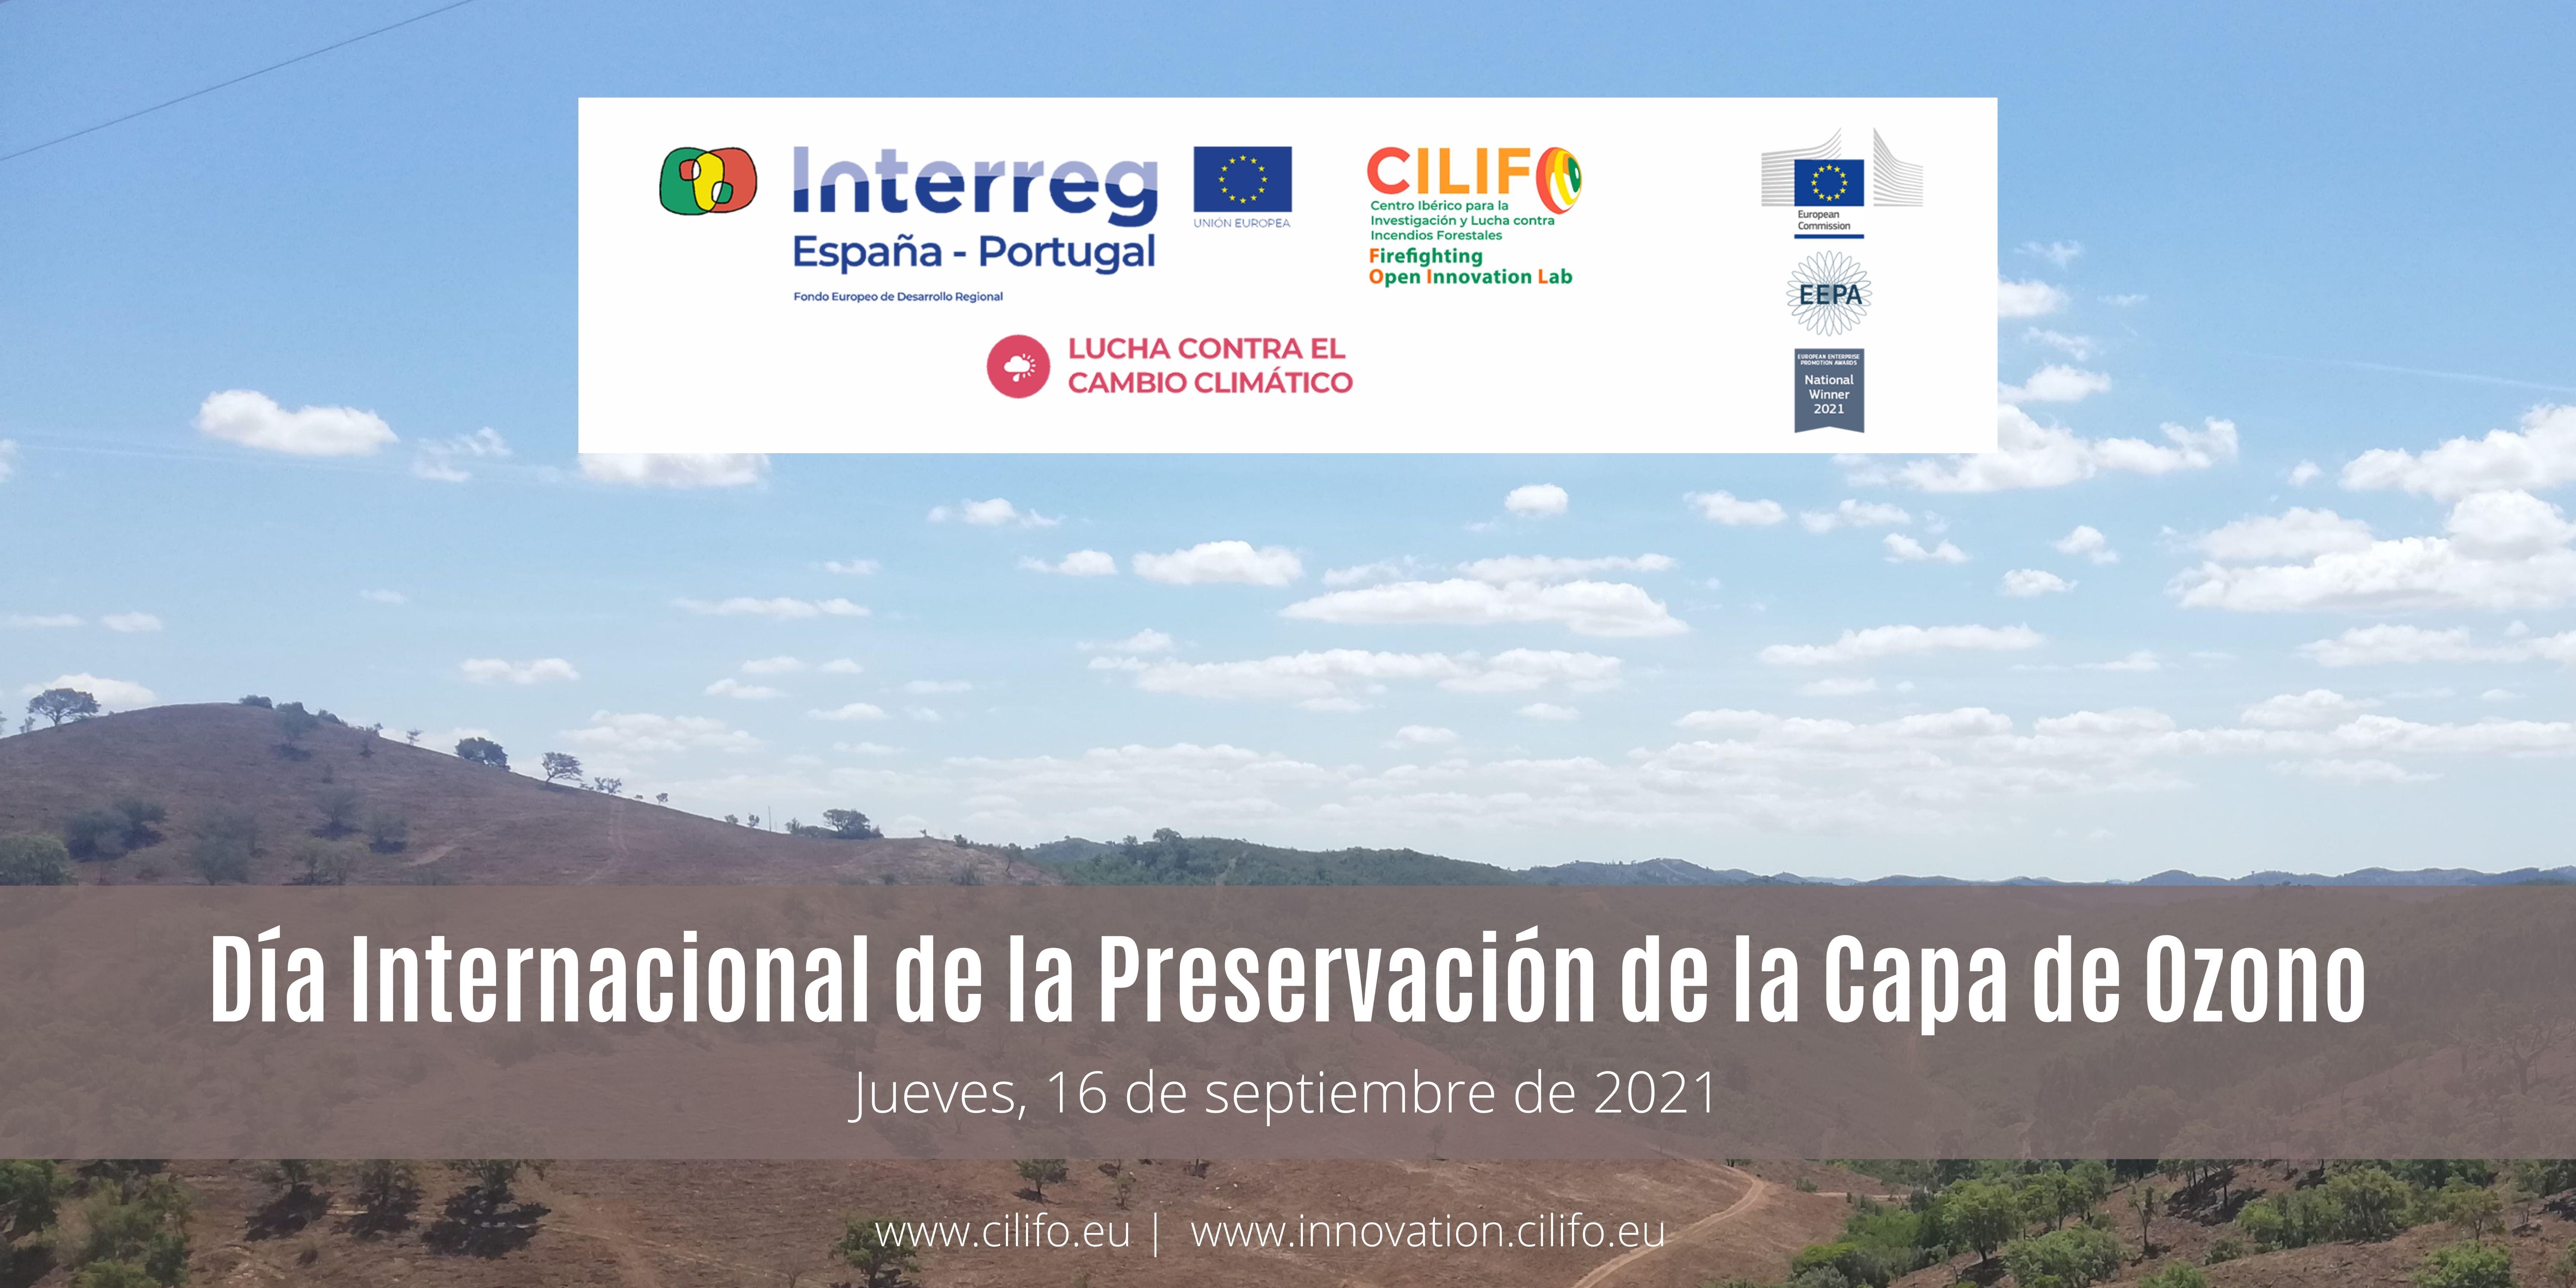 El Proyecto CILIFO conmemora el Día Internacional de la Preservación de la Capa de Ozono